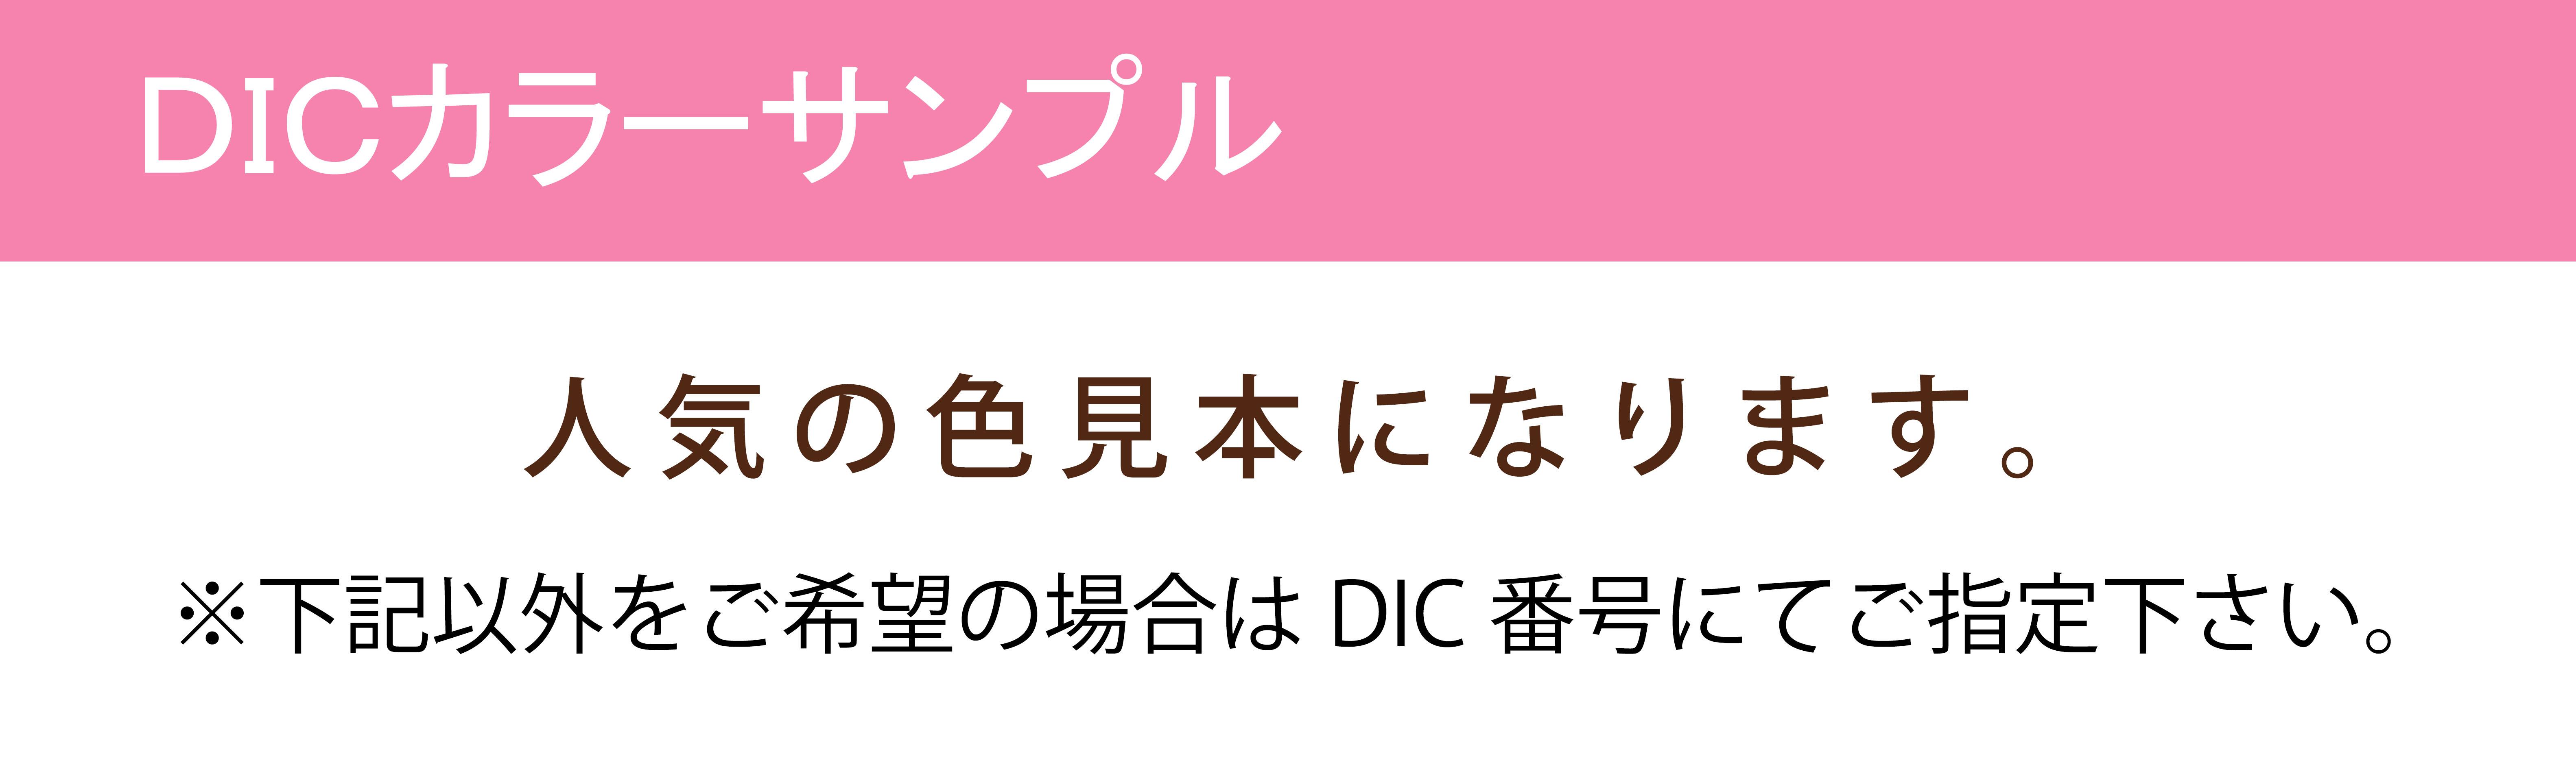 DICカラーサンプル